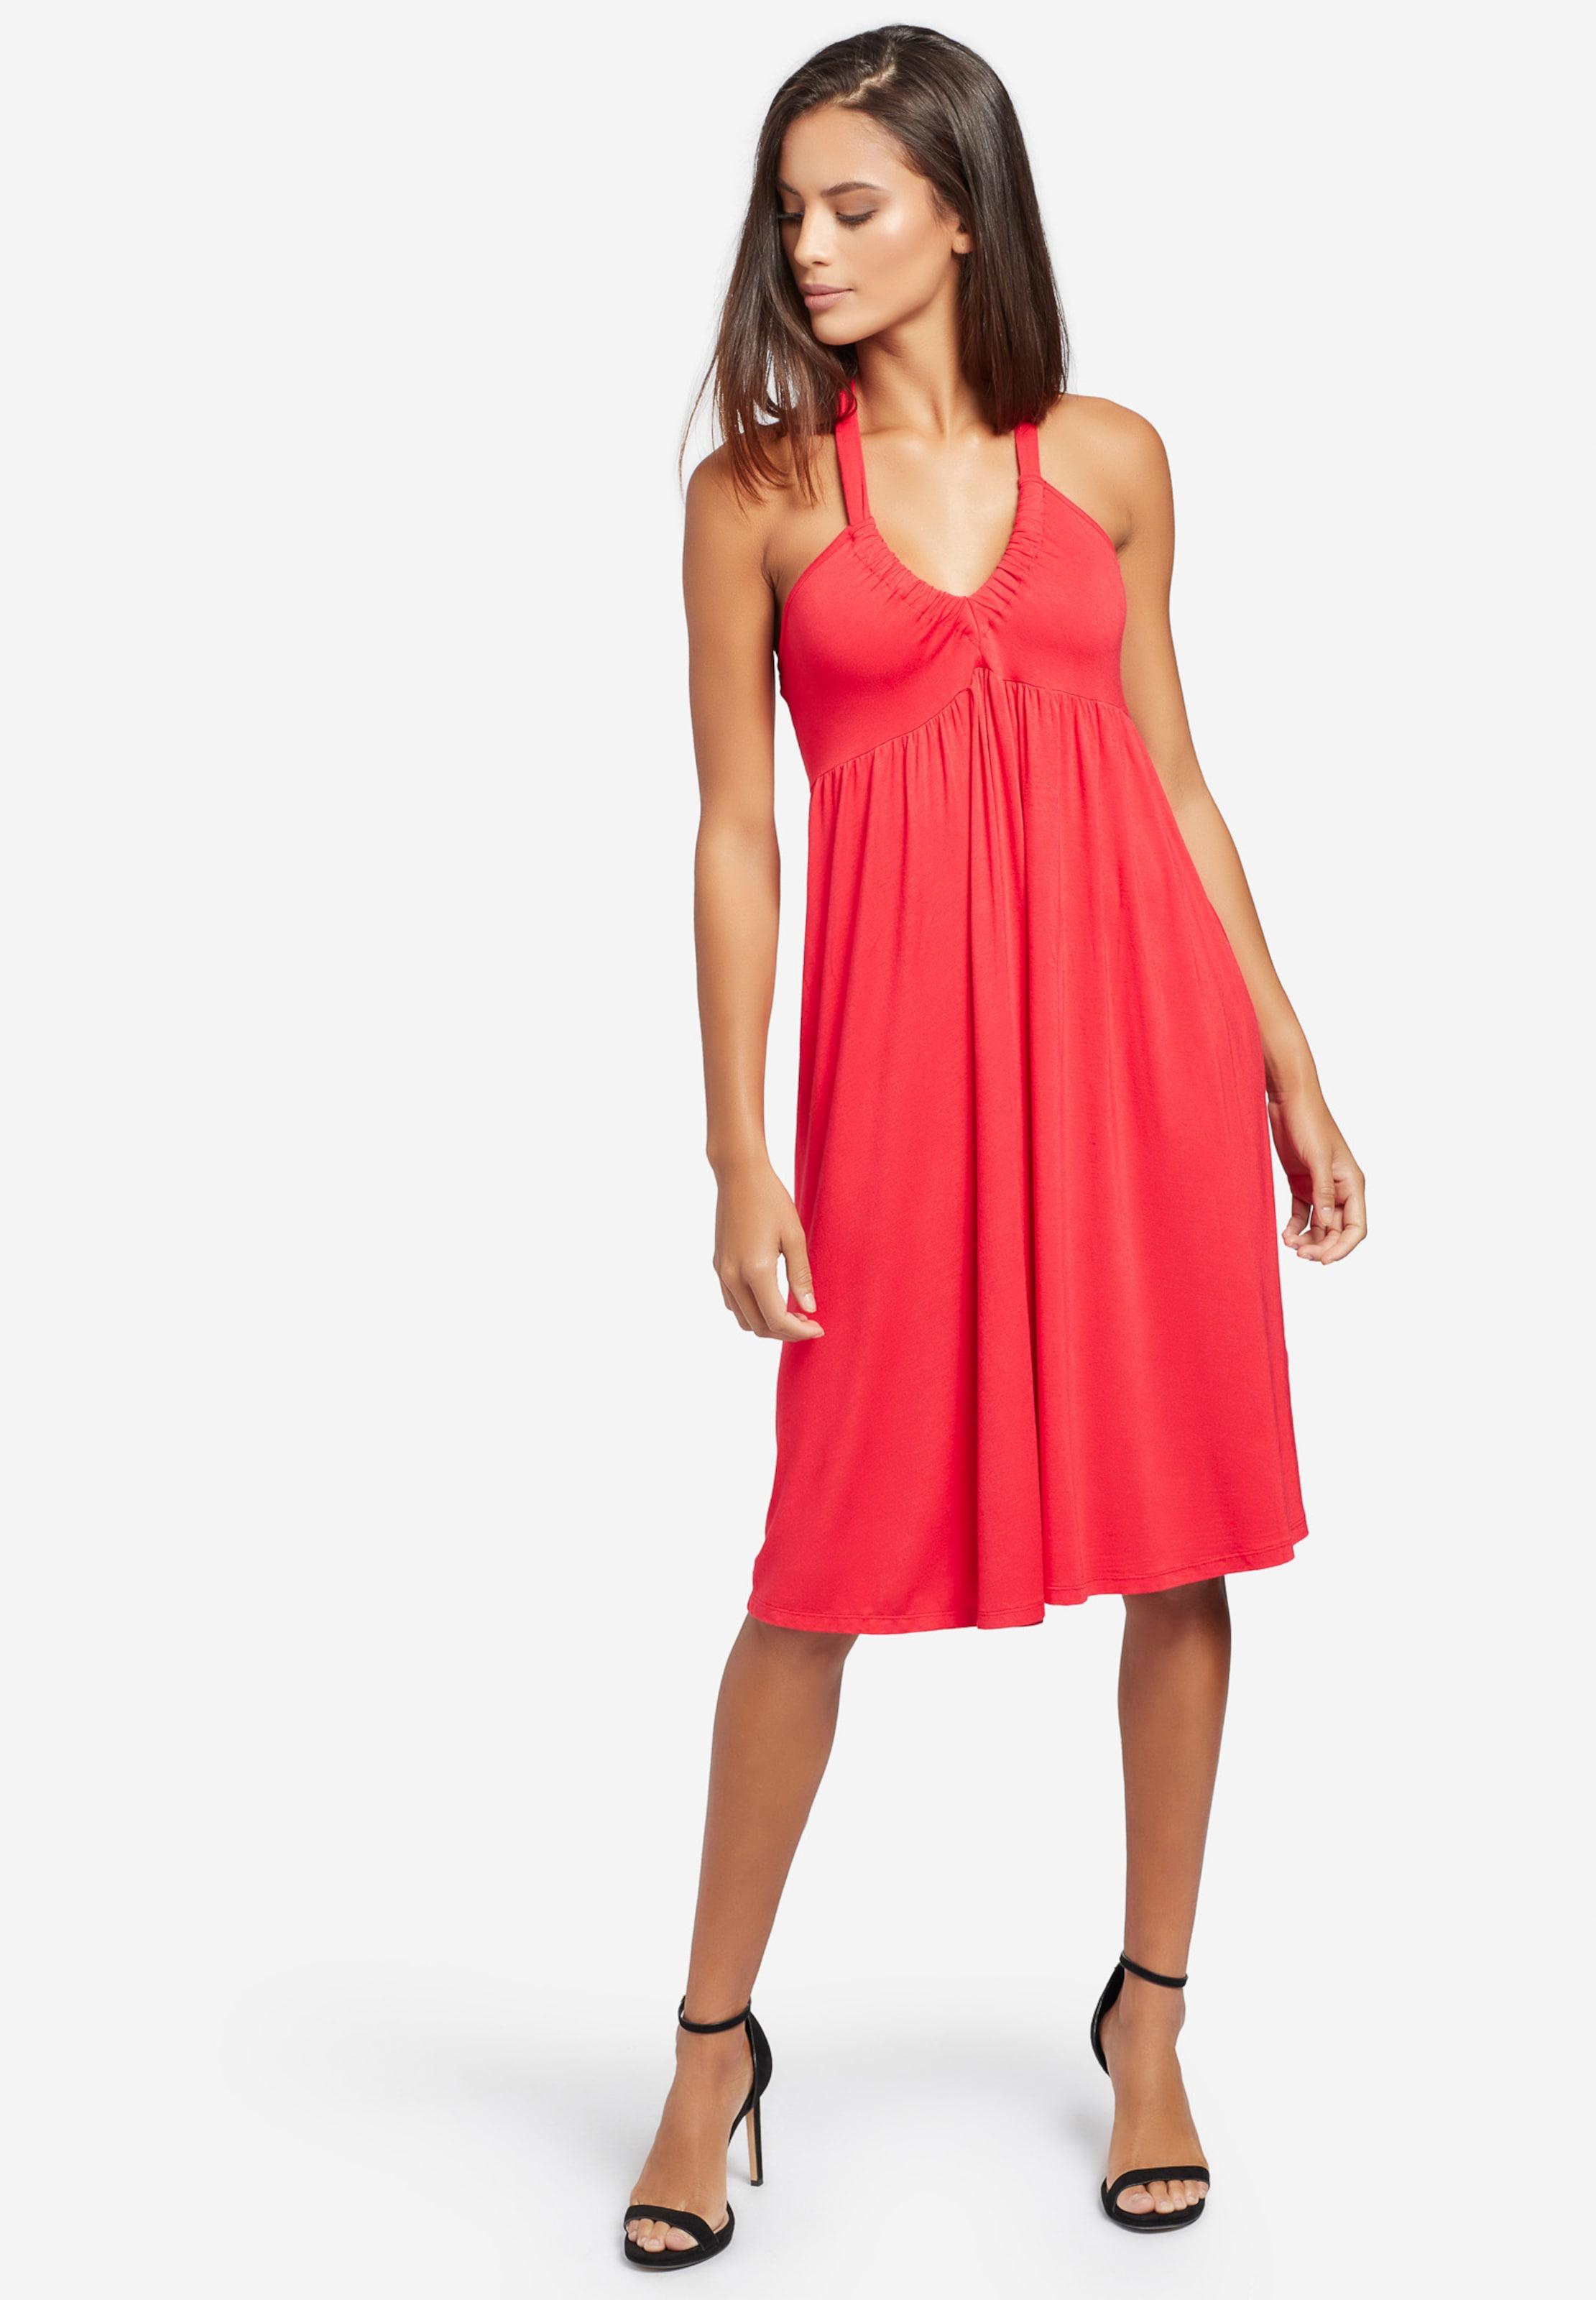 Kleid Khujo Cranberry 'houston' Khujo Kleid In b7gvYf6y